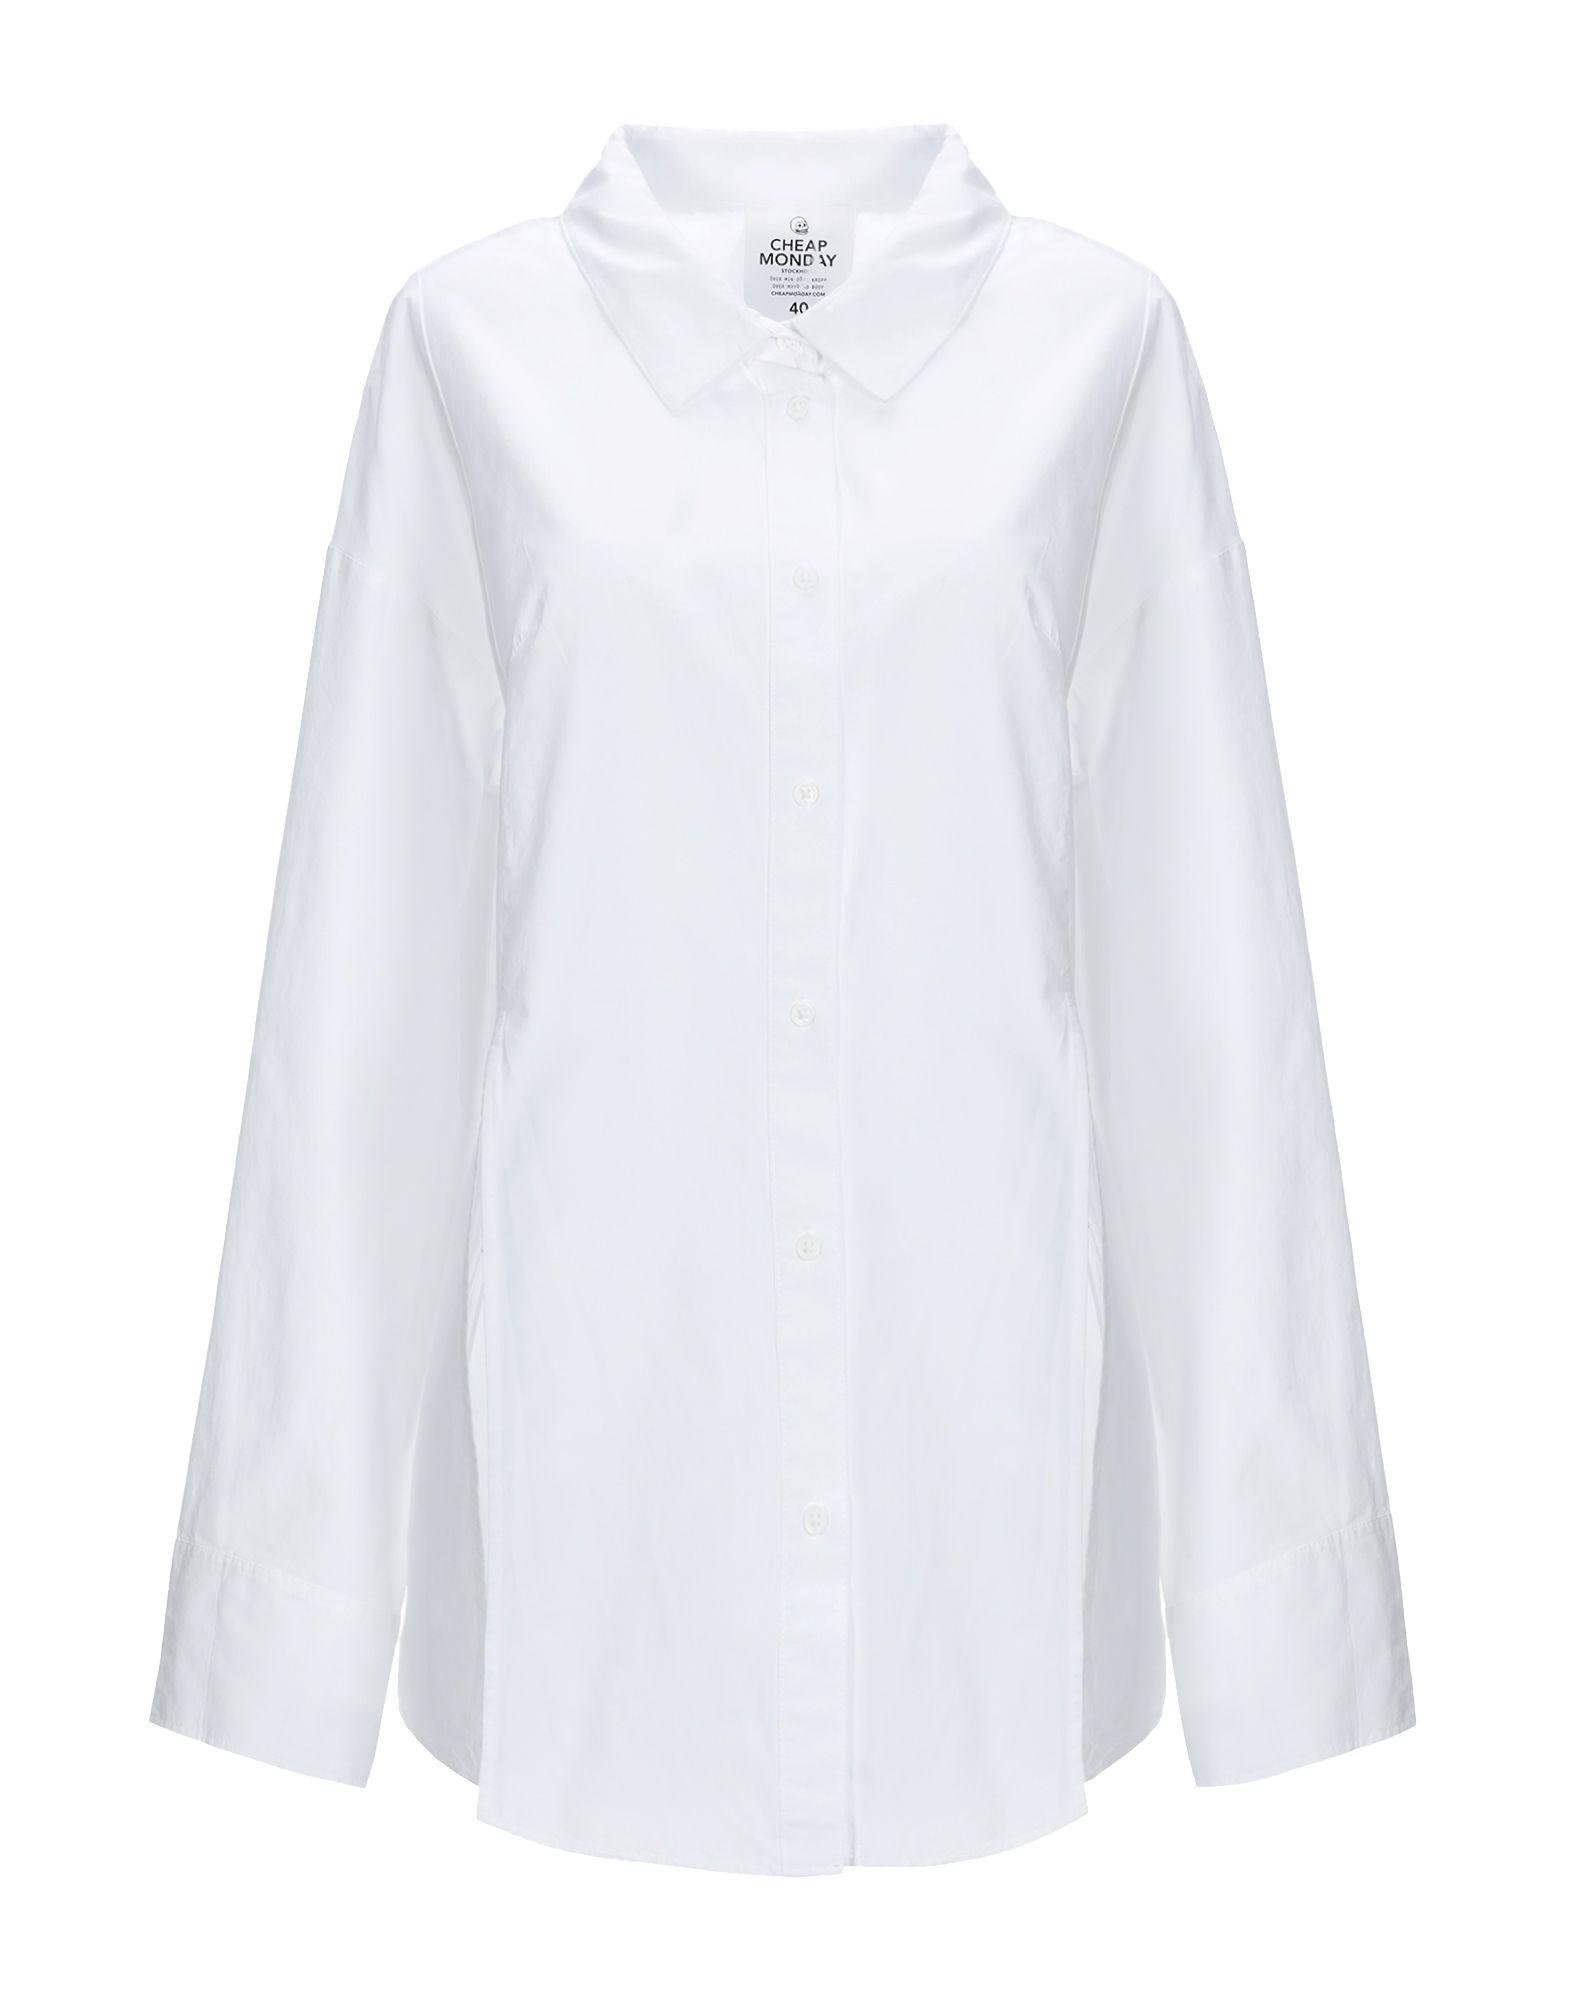 《送料無料》CHEAP MONDAY レディース シャツ ホワイト 36 コットン 100%